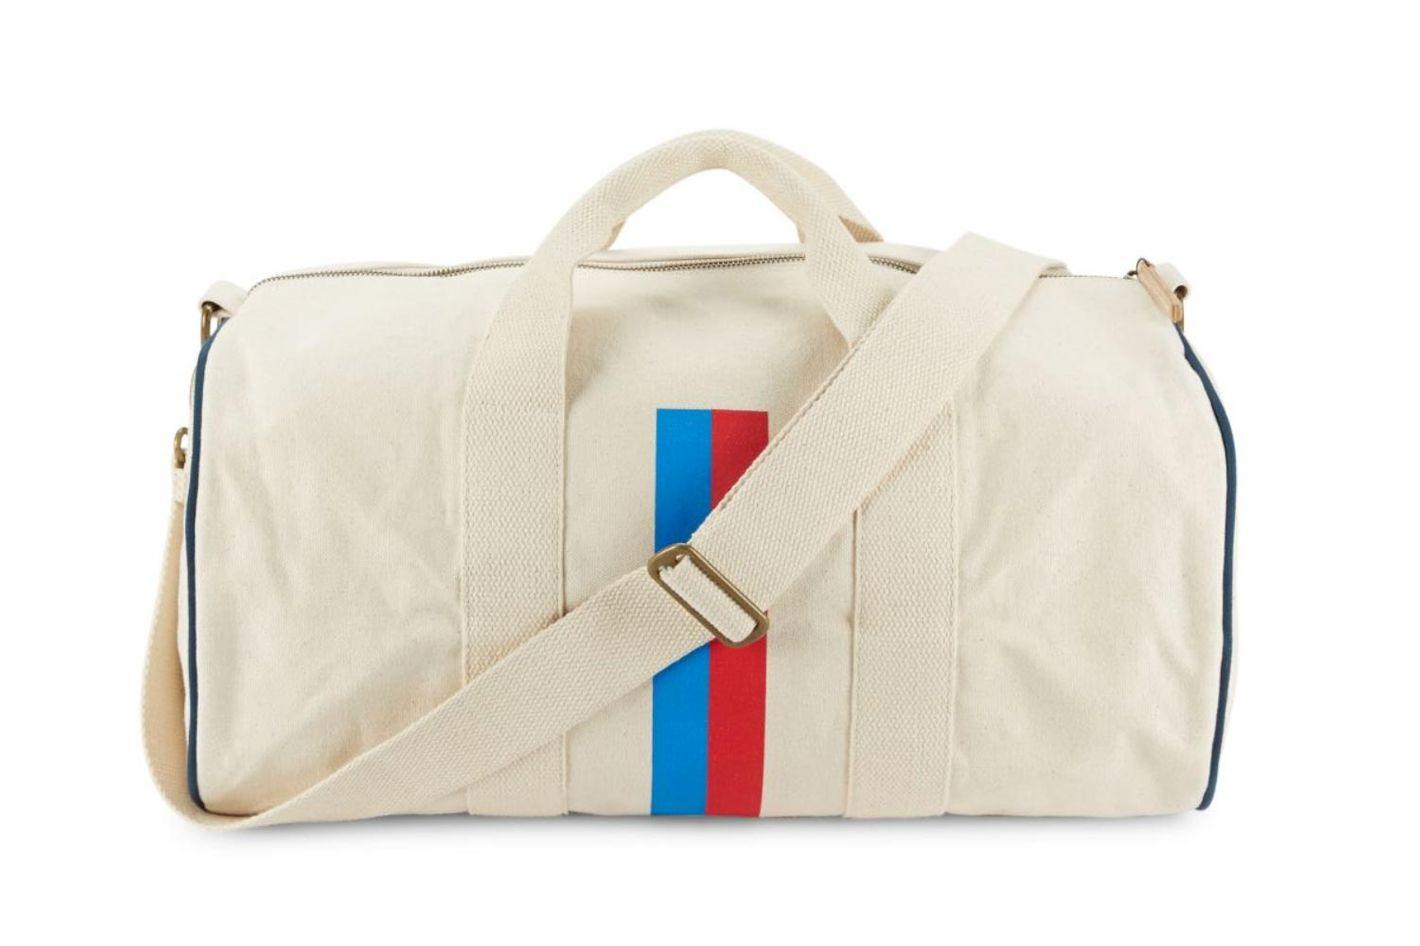 Parker Thatch Canvas Duffle Bag